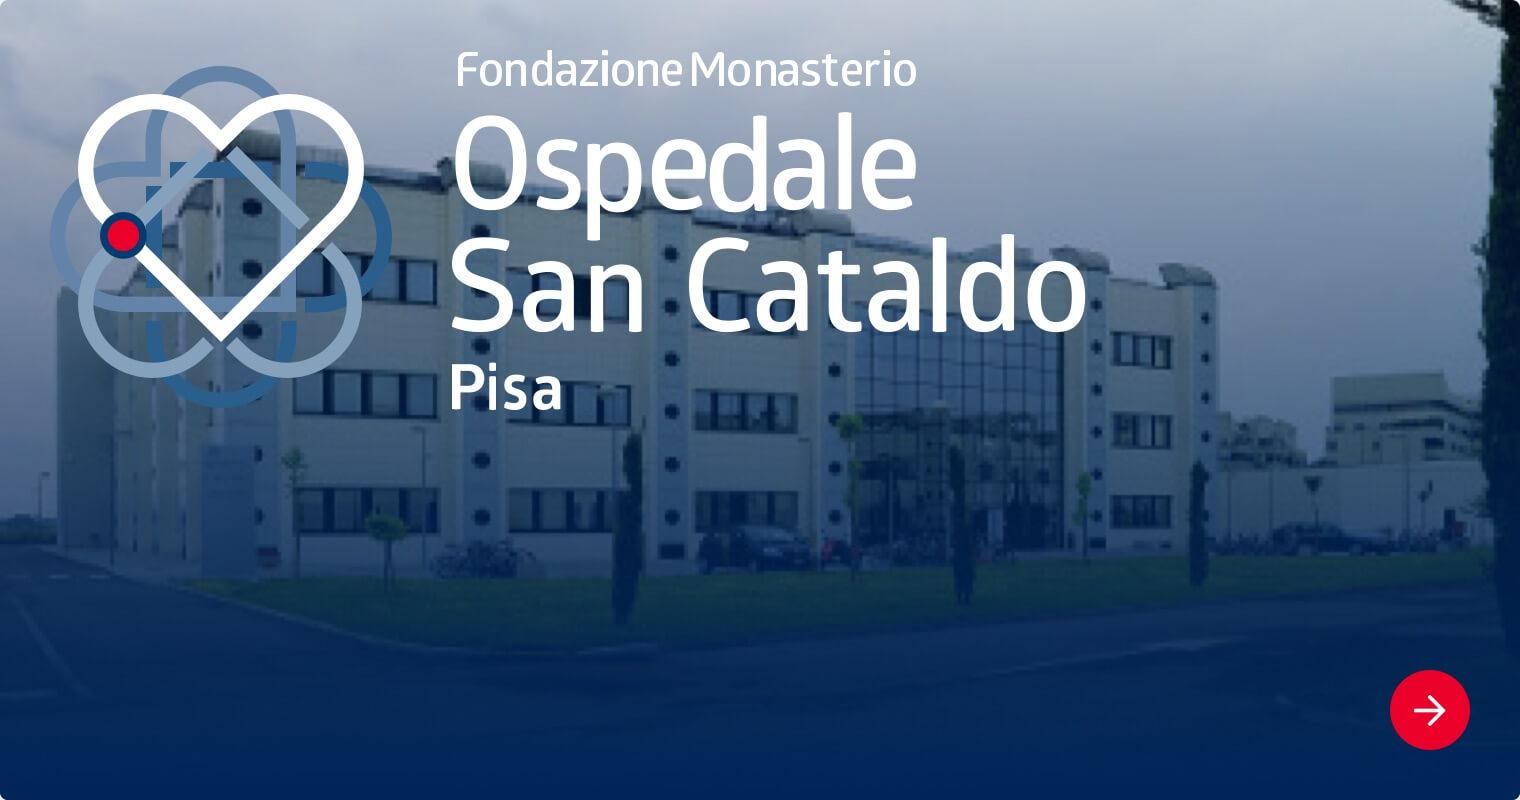 Fondazione Monasterio Ospedale San Cataldo, Pisa